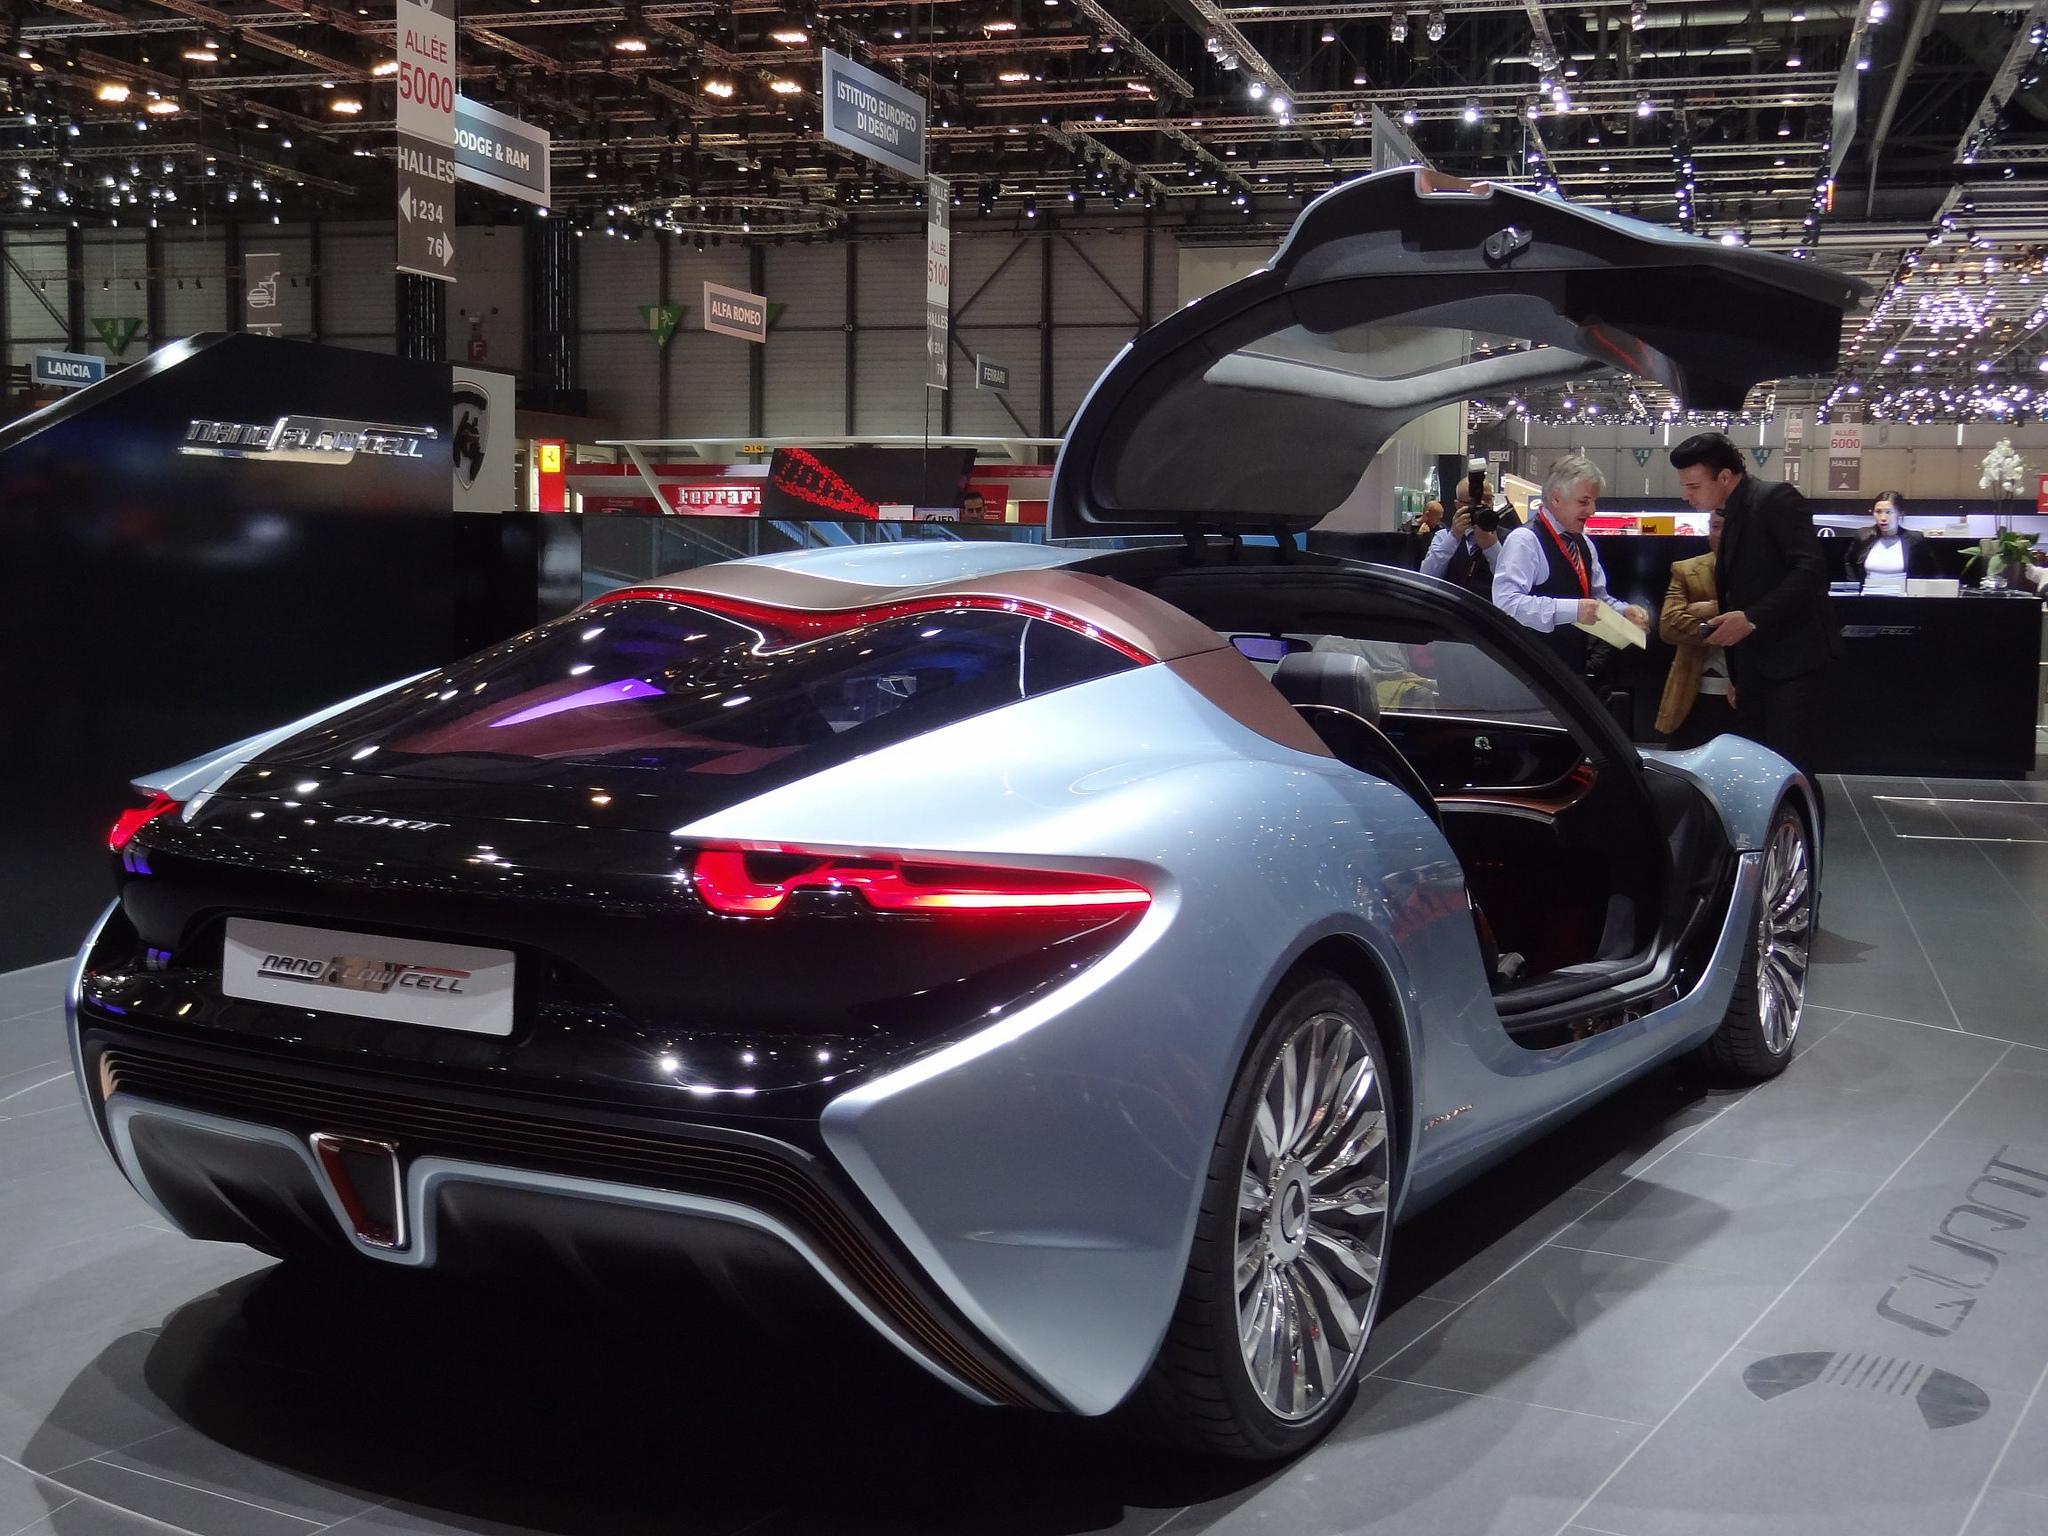 Dieser ältere Prototyp wurde bereits im Jahr 2014 in Genf vorgestellt. Foto (C) Werner Bayer / flickr